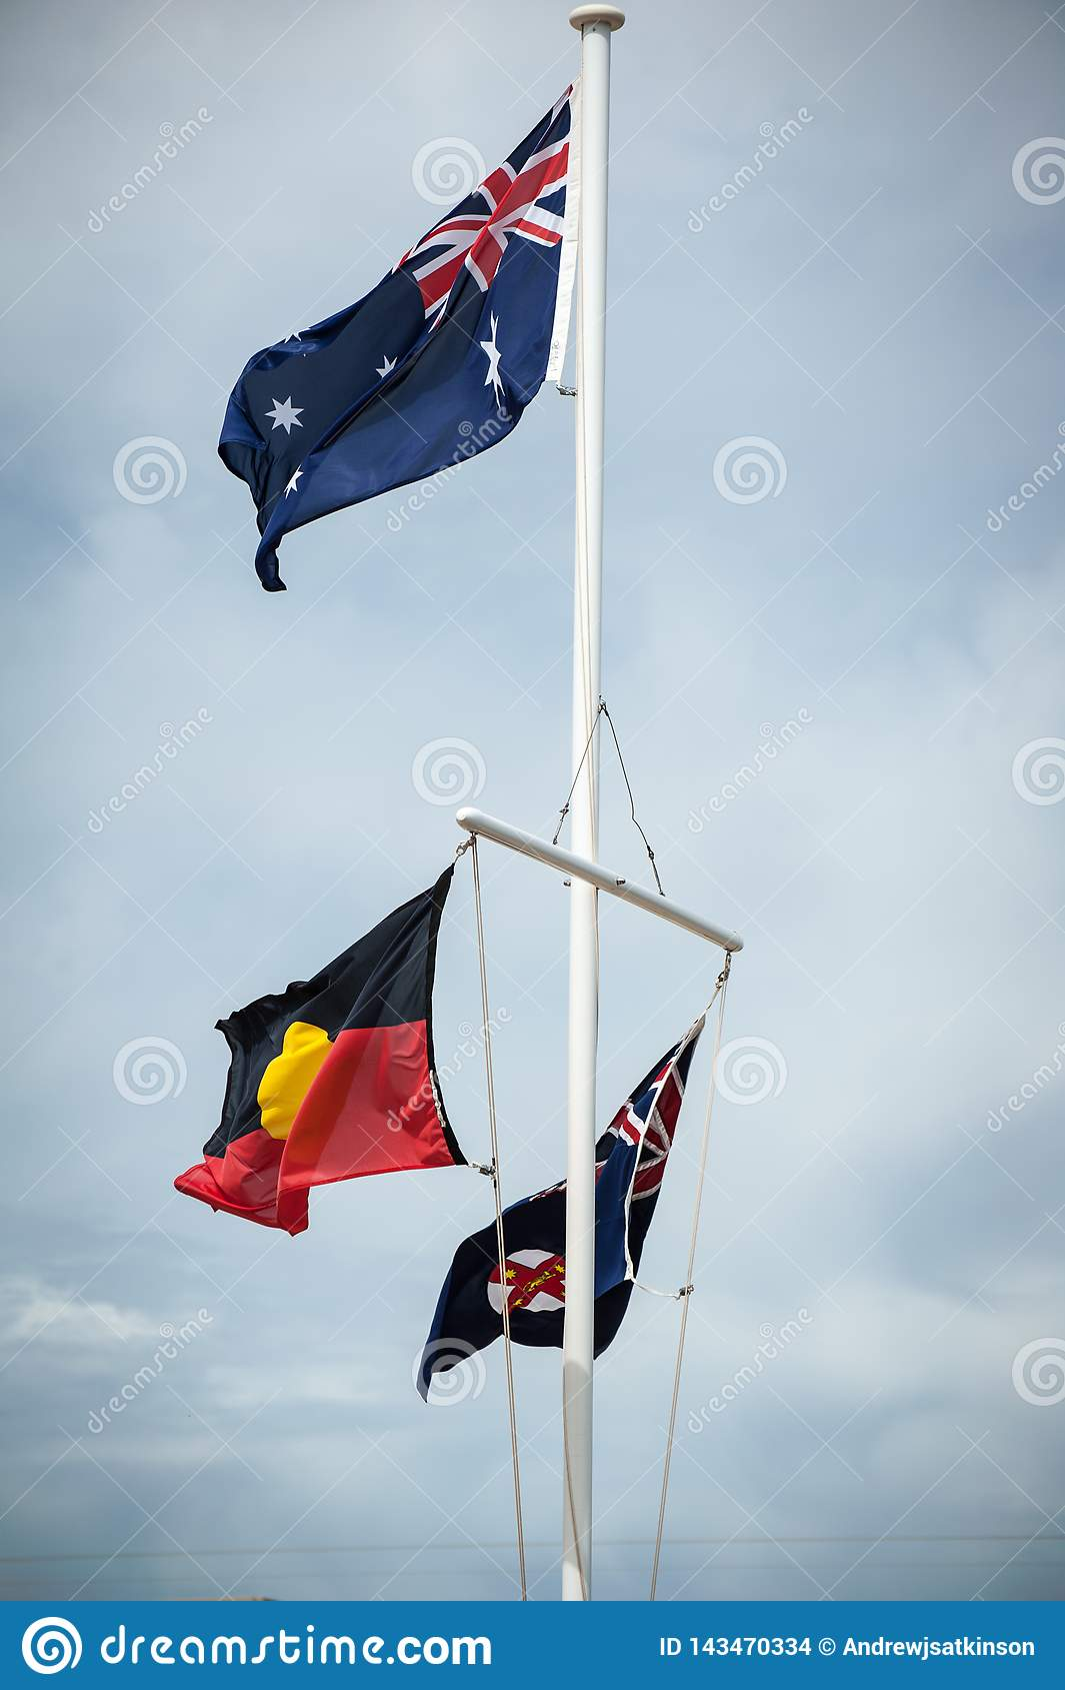 Asta de bandera que enarbola pabellón el australiano, aborígenes y Nuevo Gales del Sur